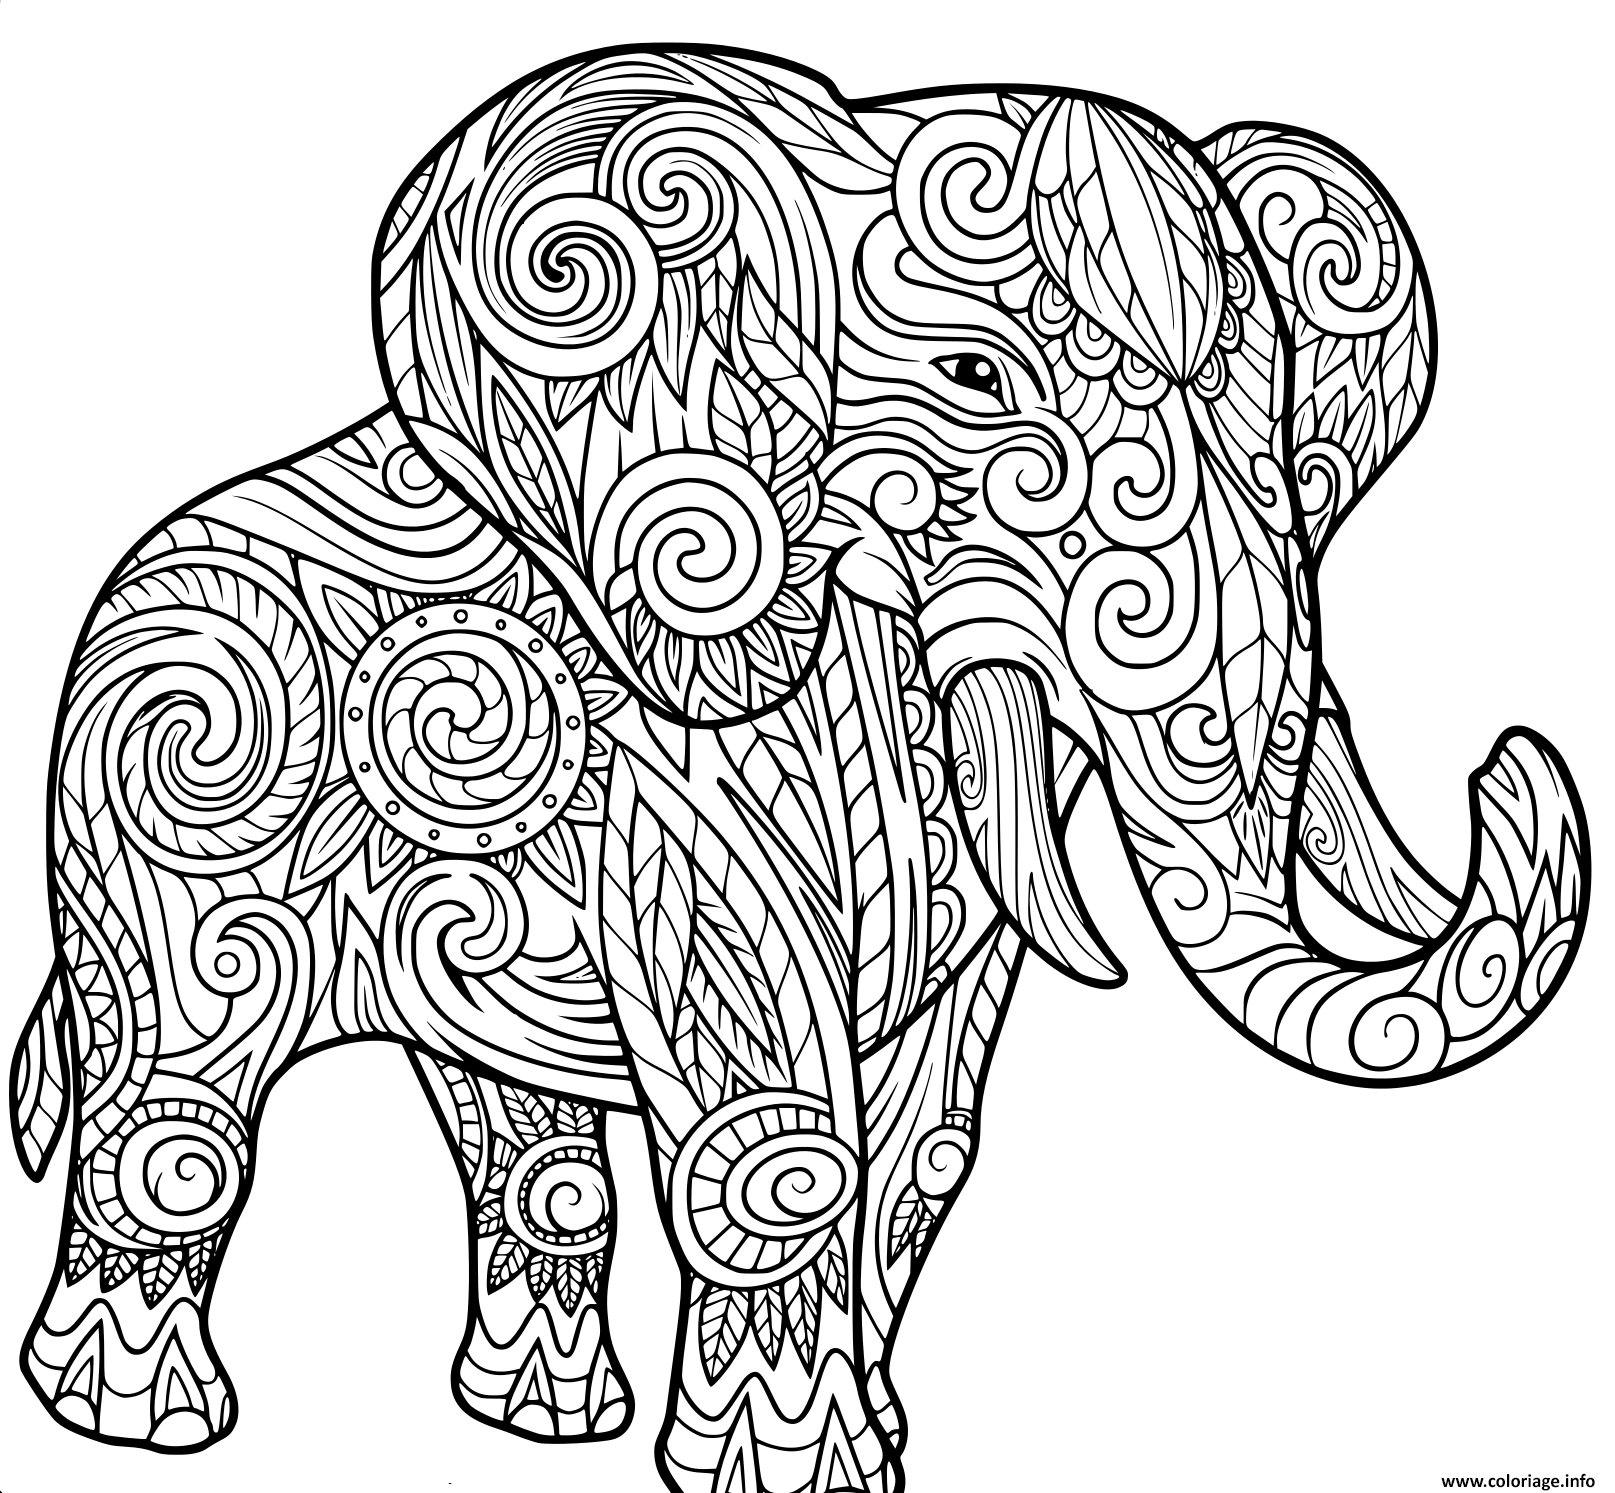 Dessin elephant pour adulte animaux Coloriage Gratuit à Imprimer